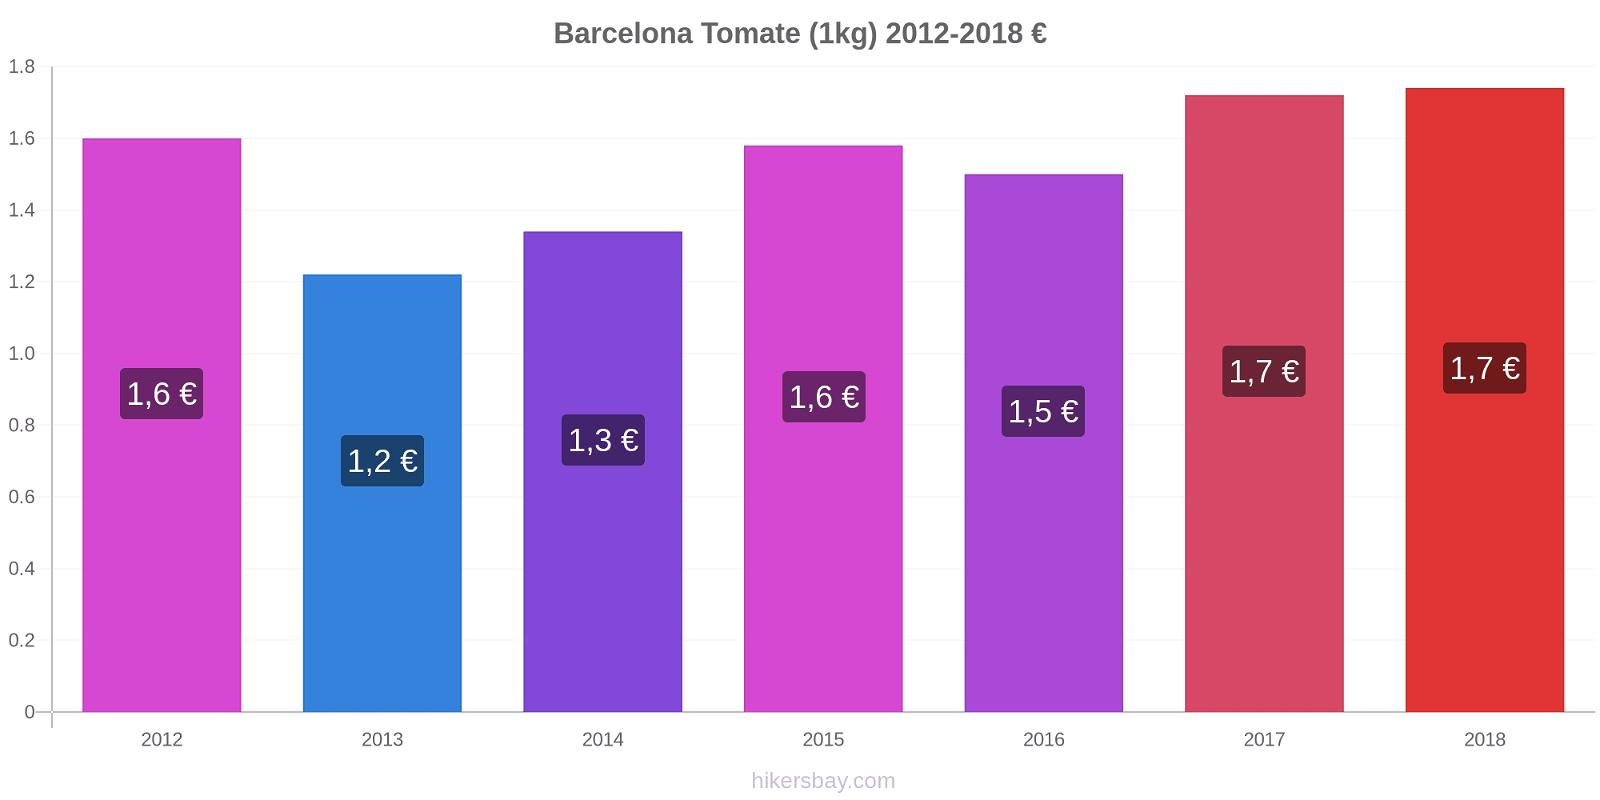 Barcelona cambios de precios Tomate (1kg) hikersbay.com